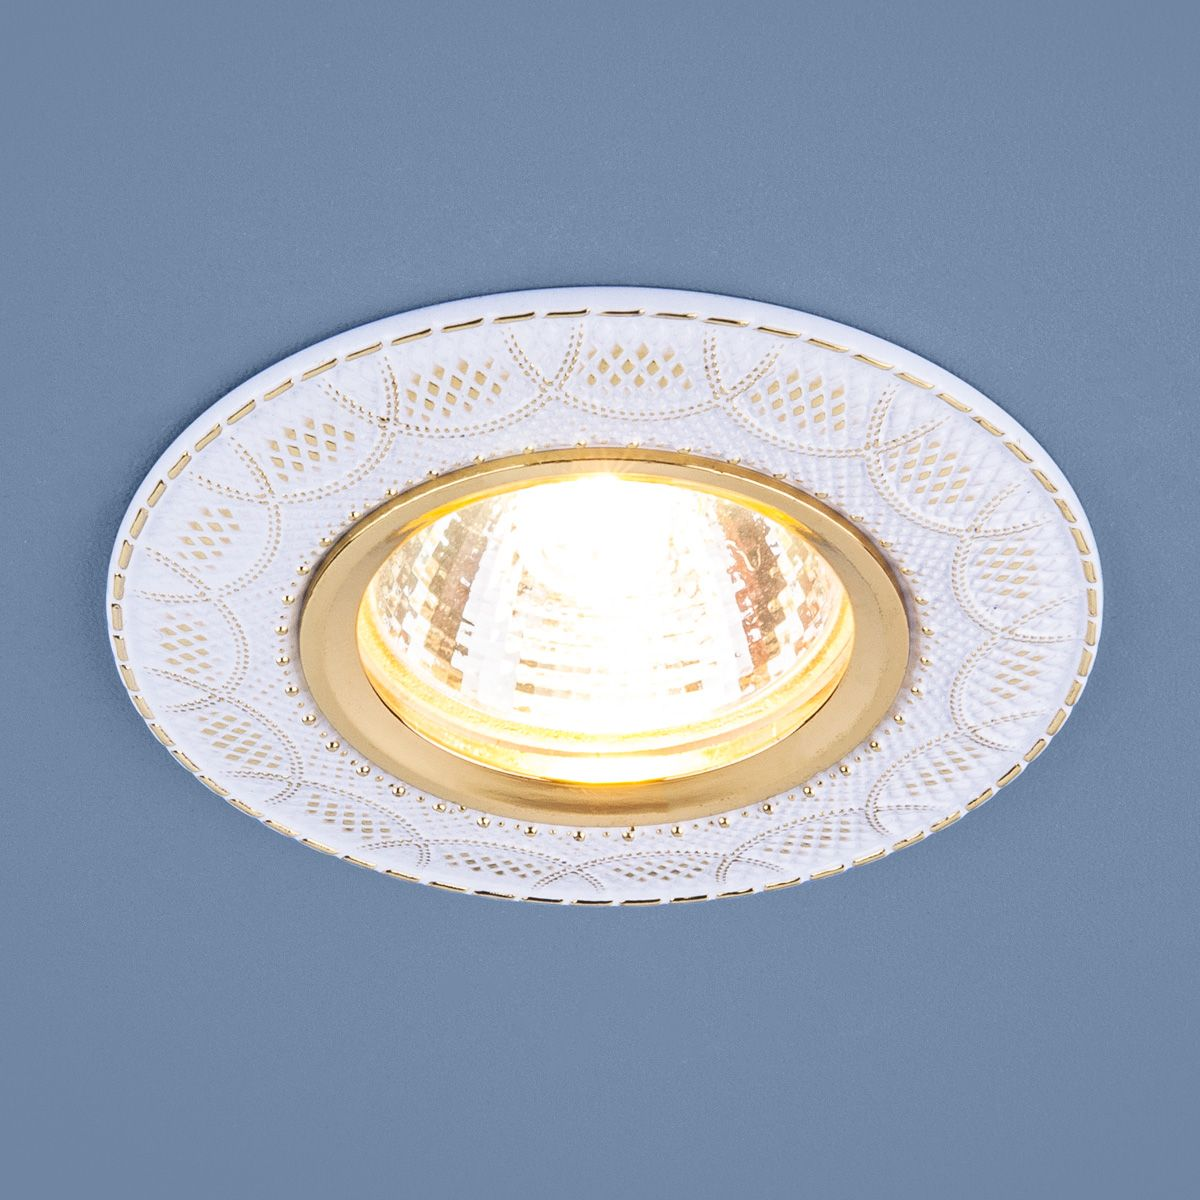 Встраиваемый точечный светильник 7010 MR16 WH/GD белый/золото